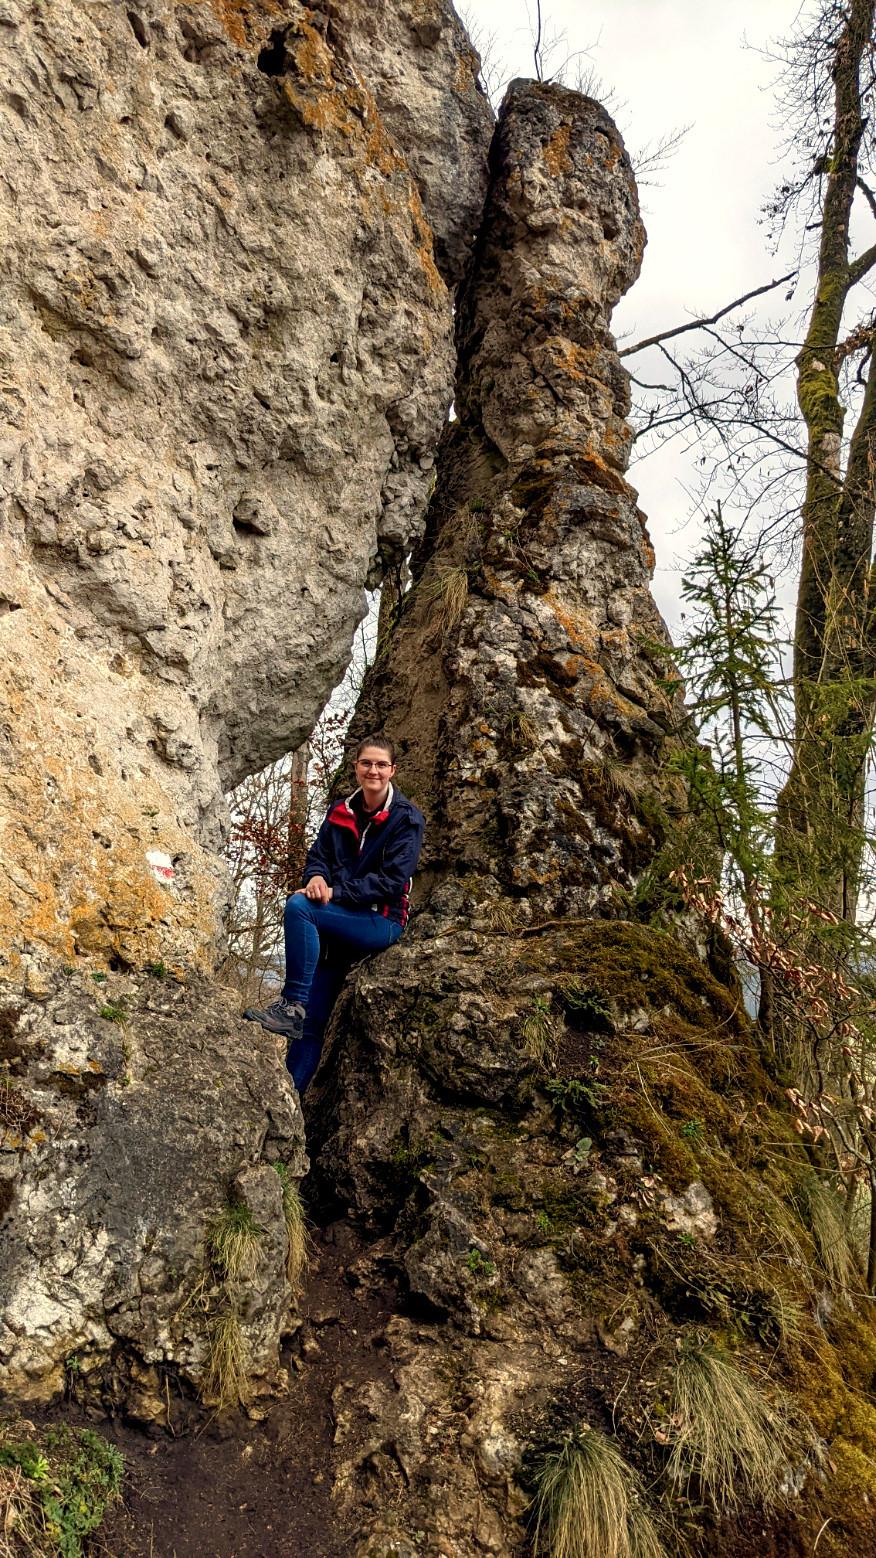 Der Felsdurchstieg auf dem Jägersteig im Urdonautal